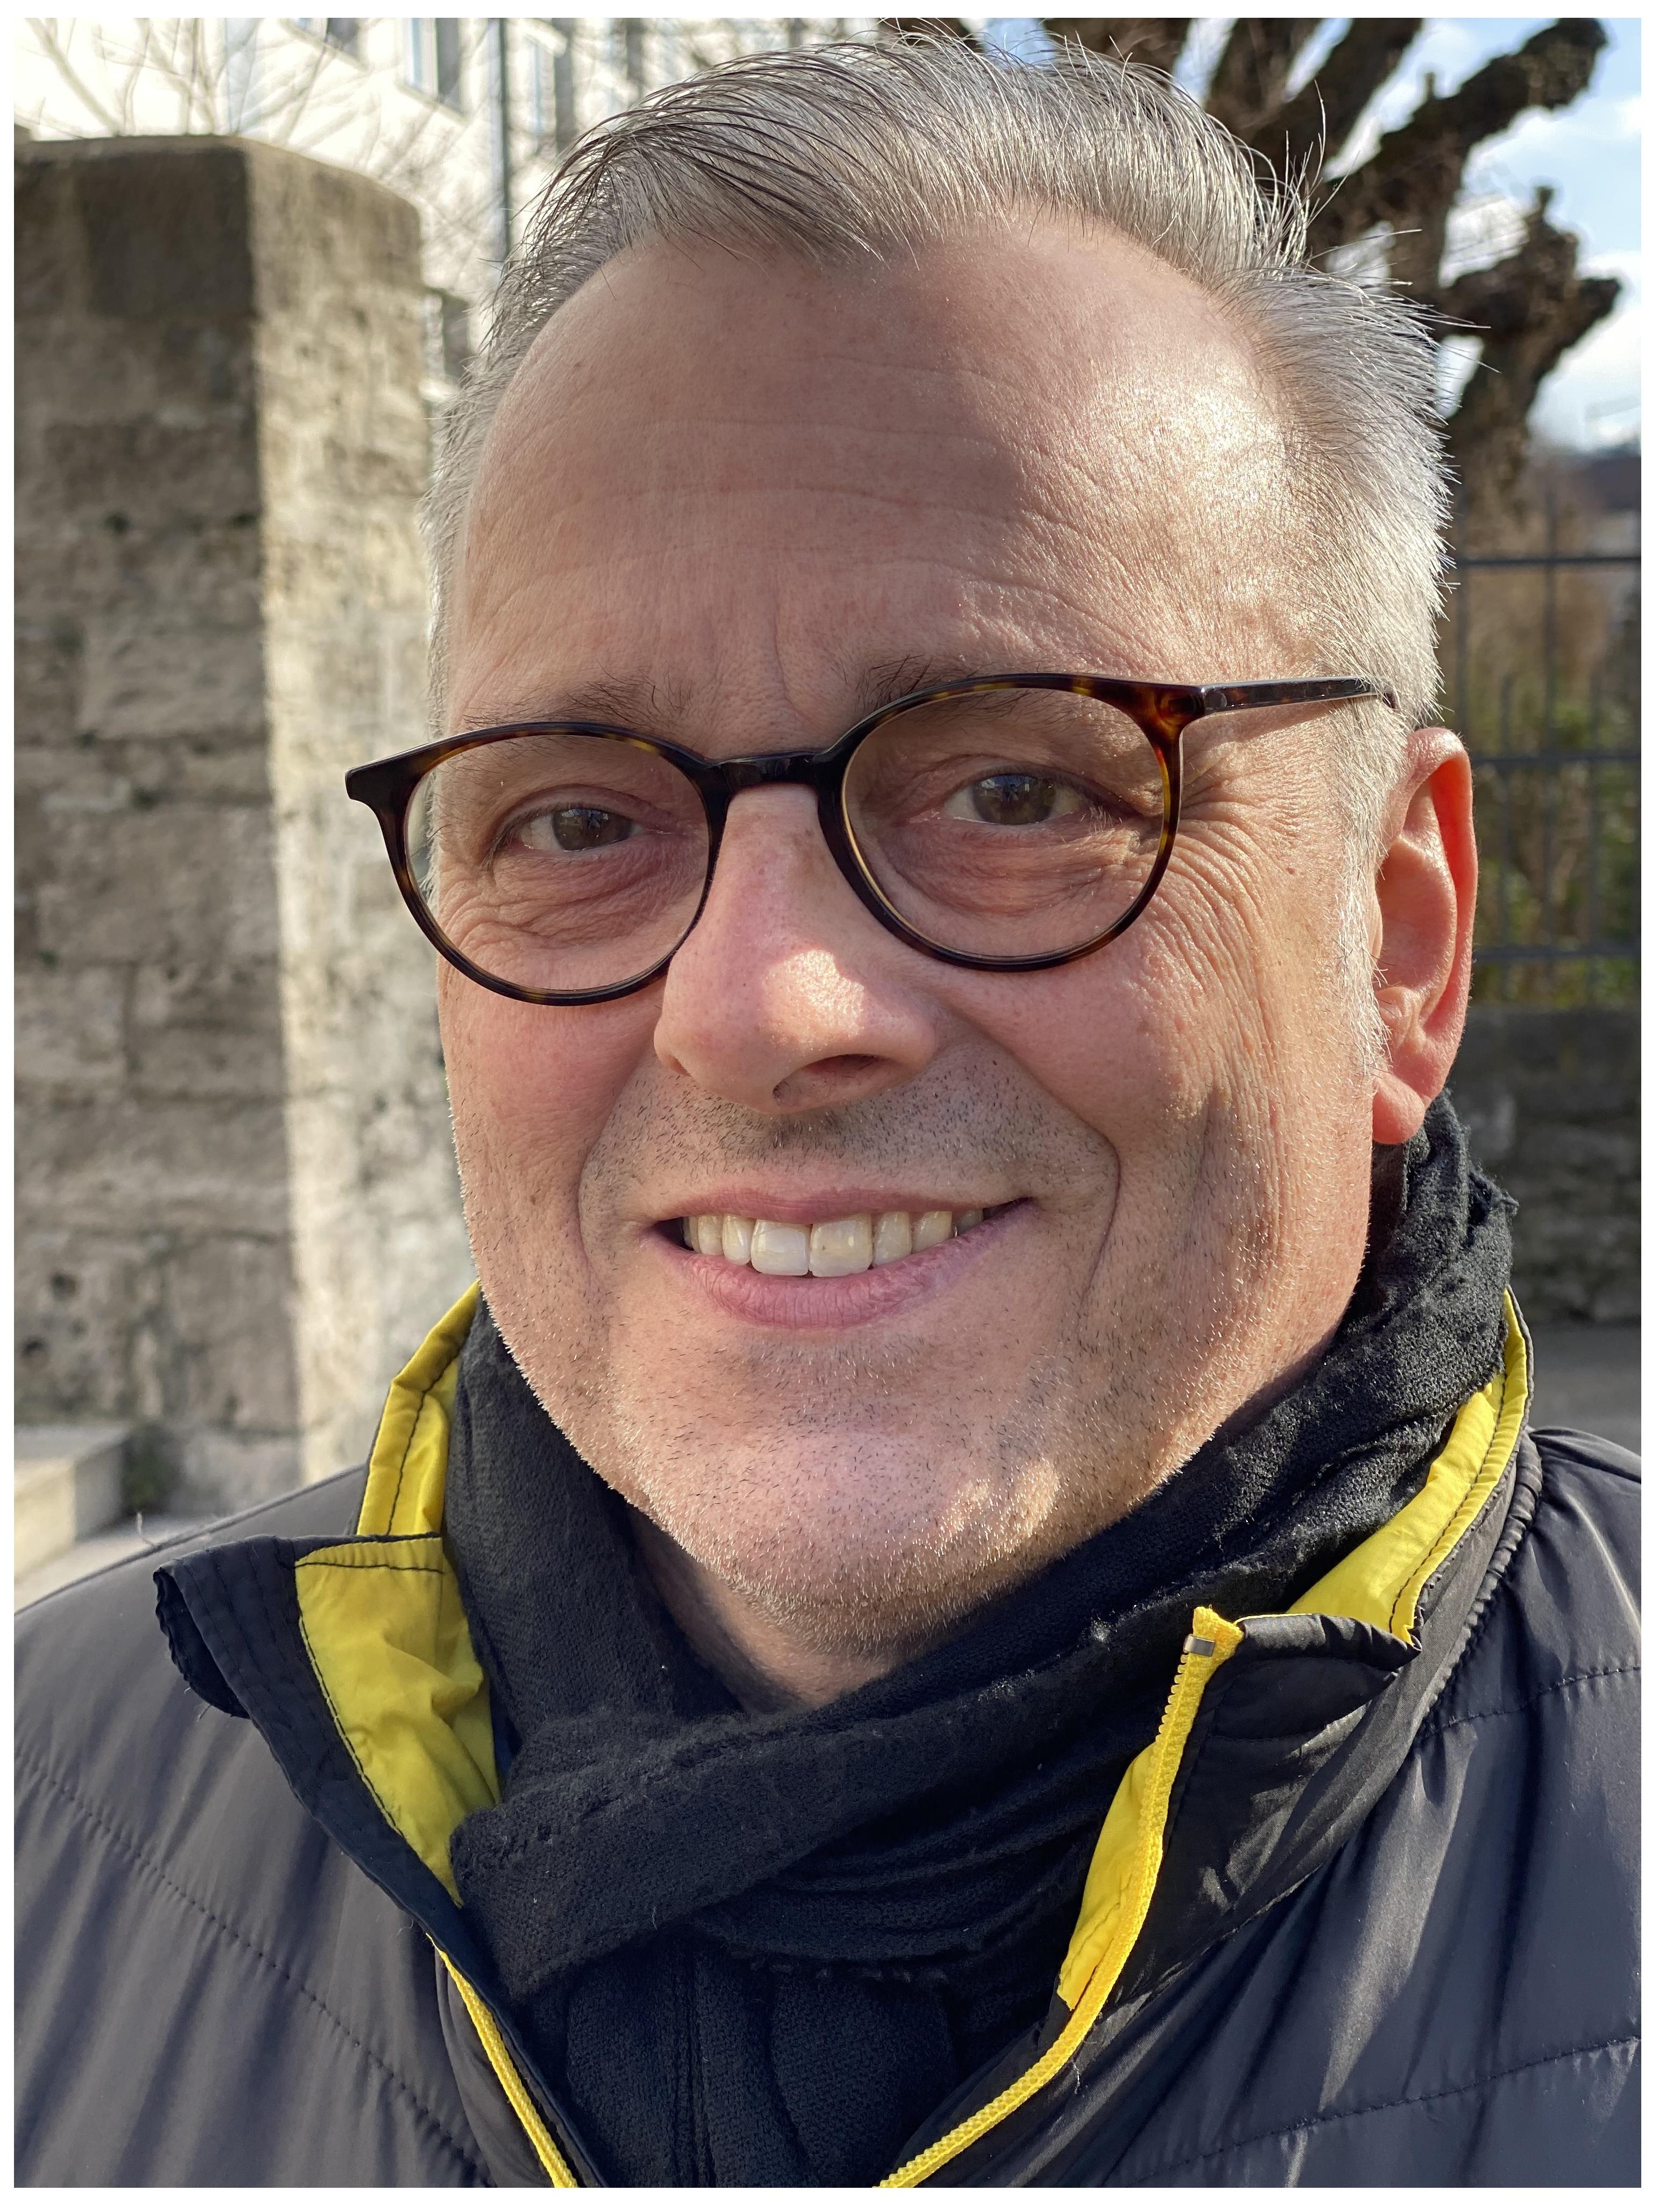 Günter Fasel - Polizeibeamter aus Zell am Main